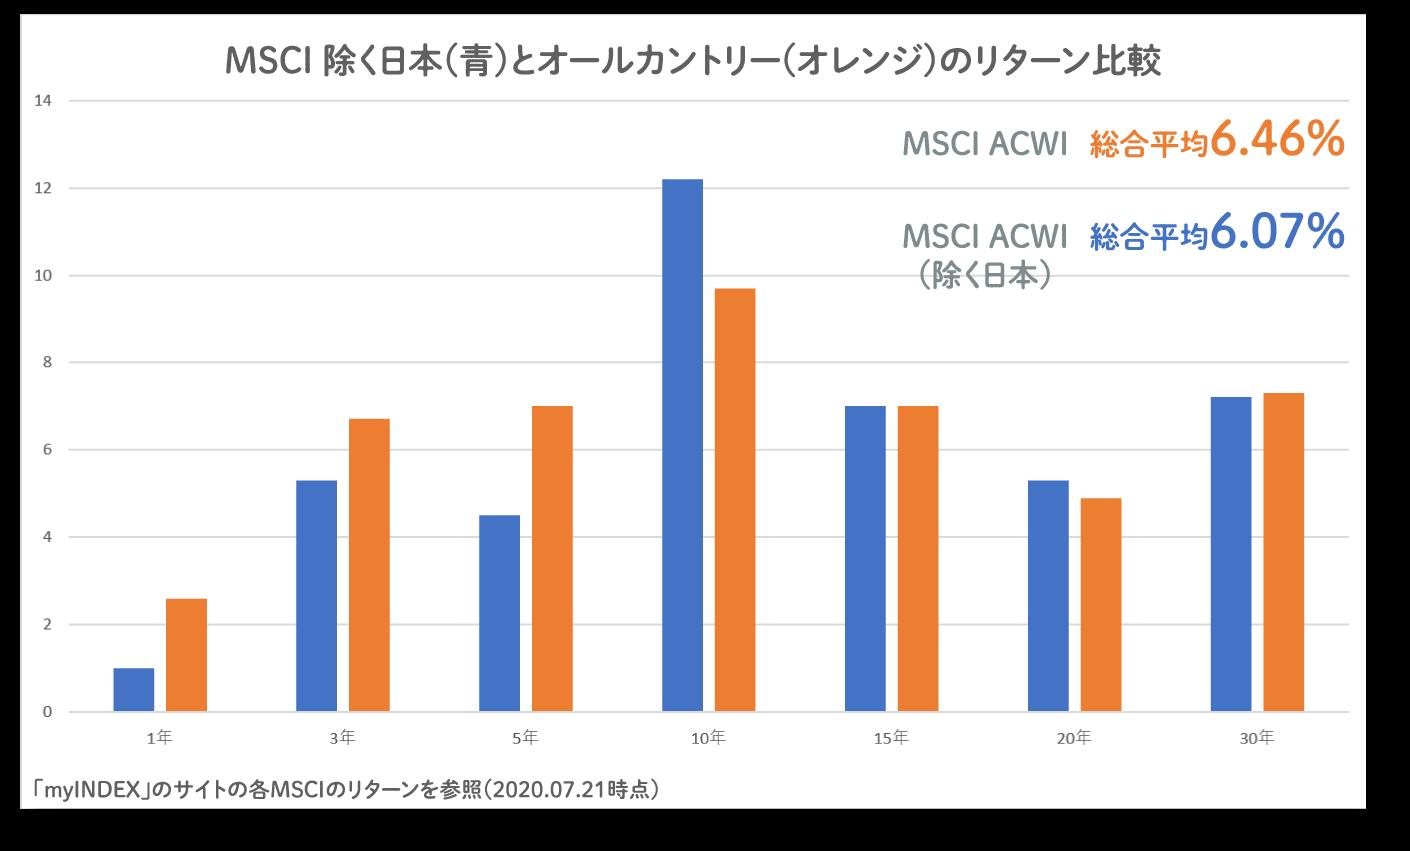 全世界株式インデックスの成長率年率平均したオリジナルのグラフ